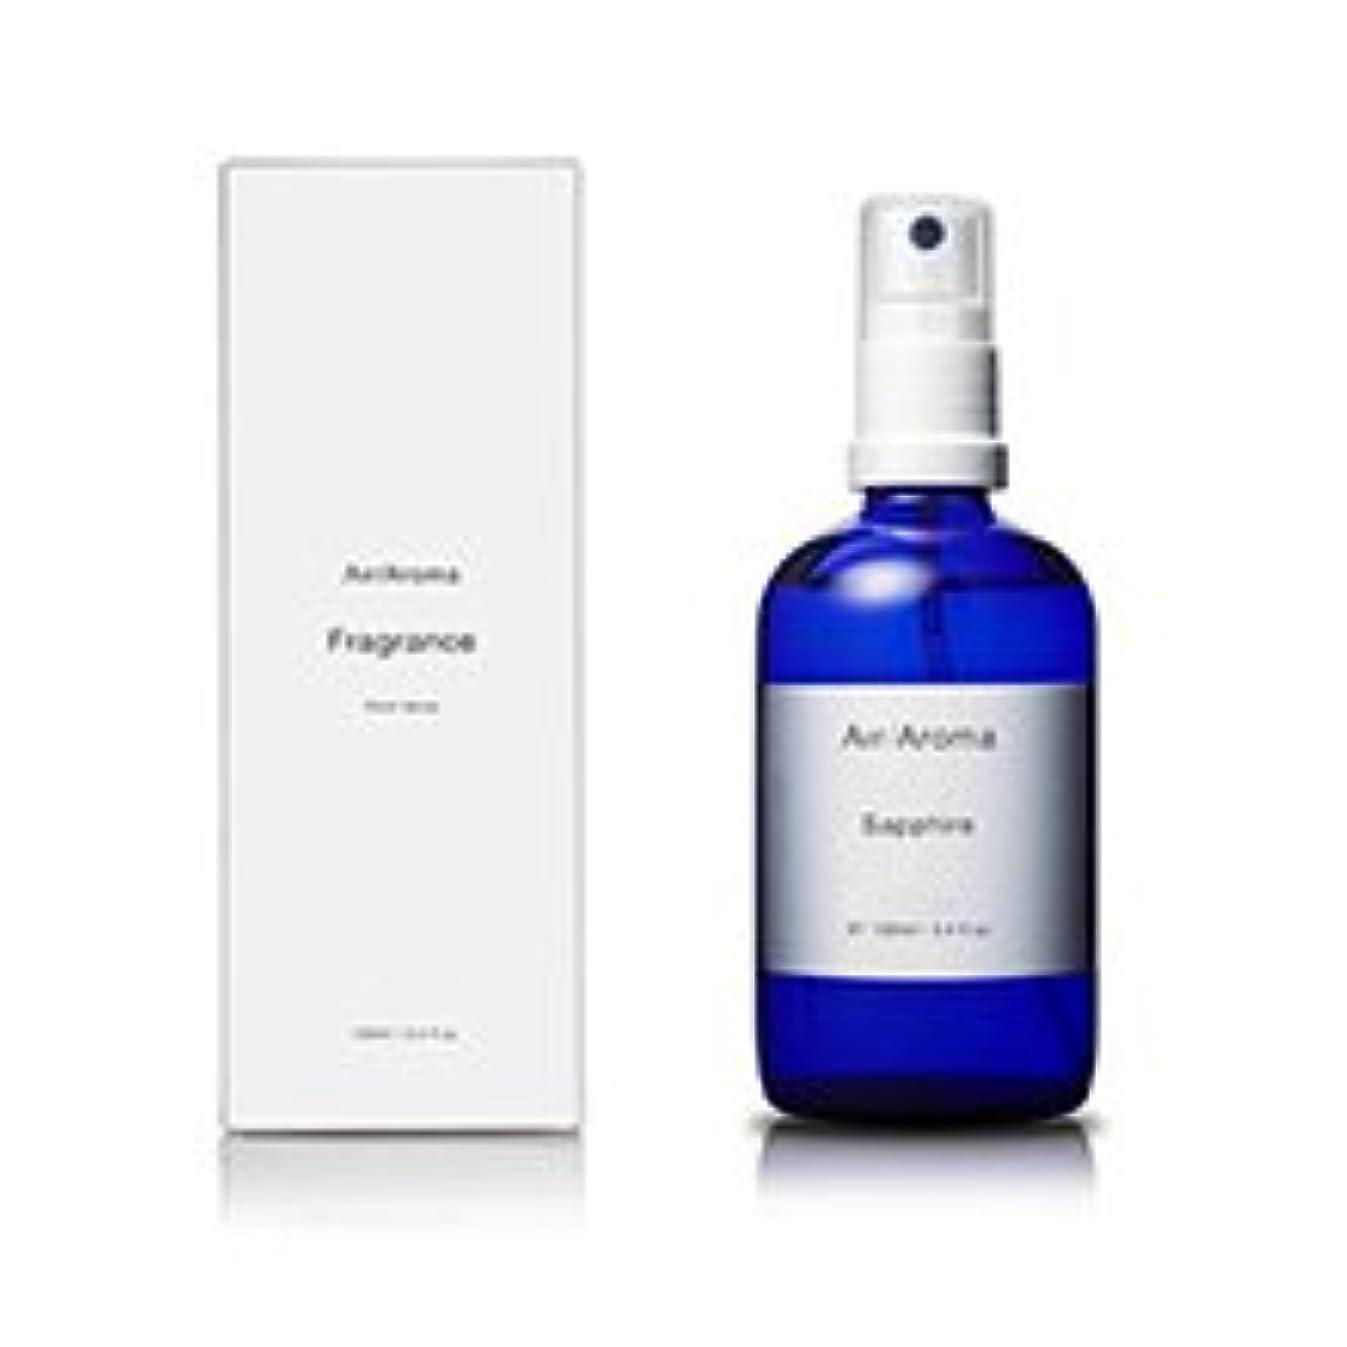 水素頬グリースエアアロマ sapphire room fragrance(サファイア ルームフレグランス) 100ml